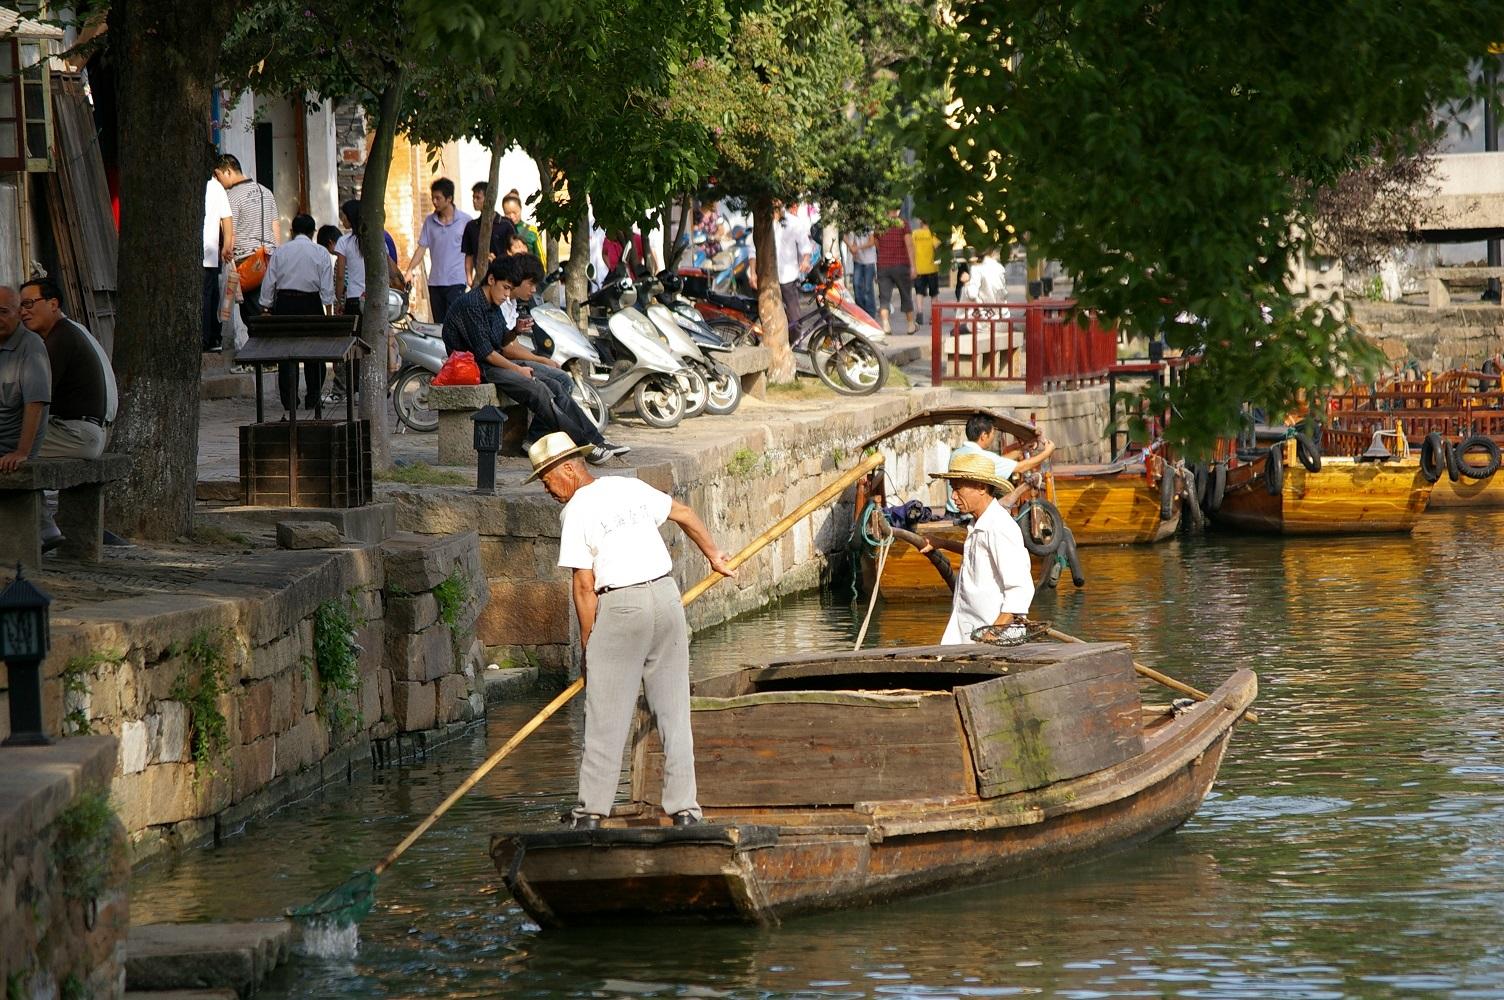 Clicca sulla foto per vedere le offerte a Shangai Tongli da 6€ pp! Foto (c) Federico Bonotto